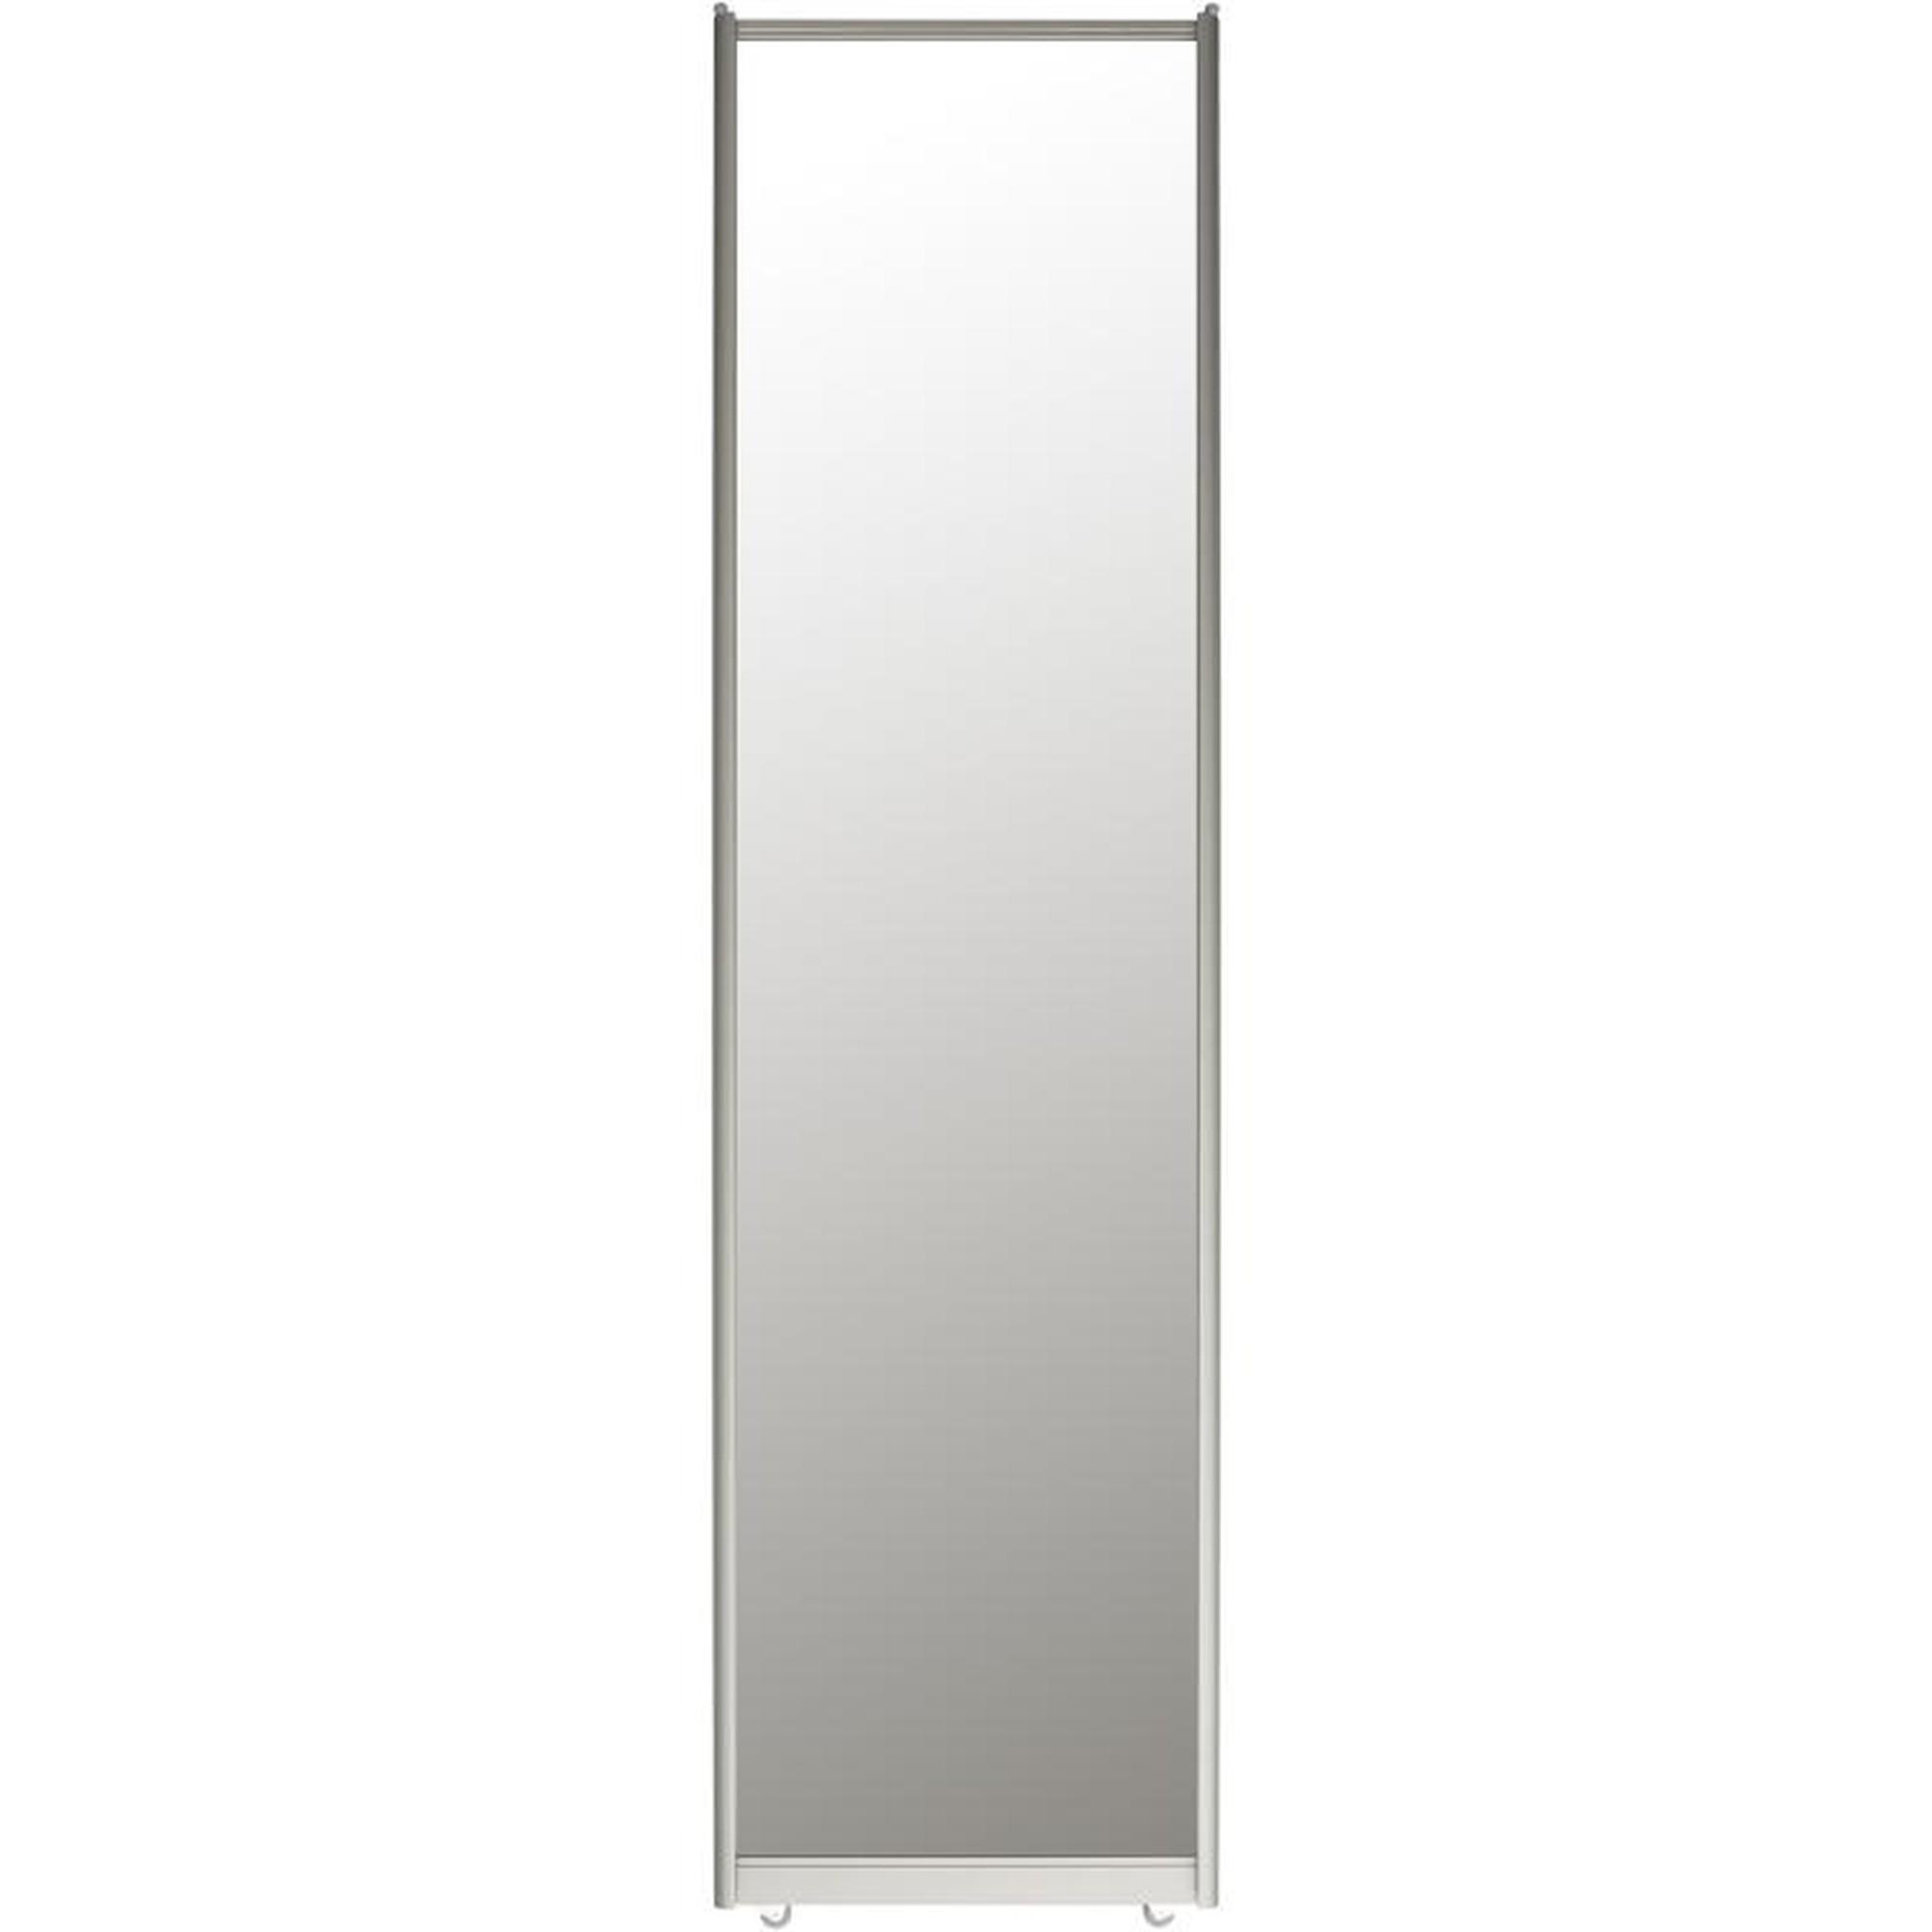 Дверь-купе Spaceo 2255x904 мм зеркало